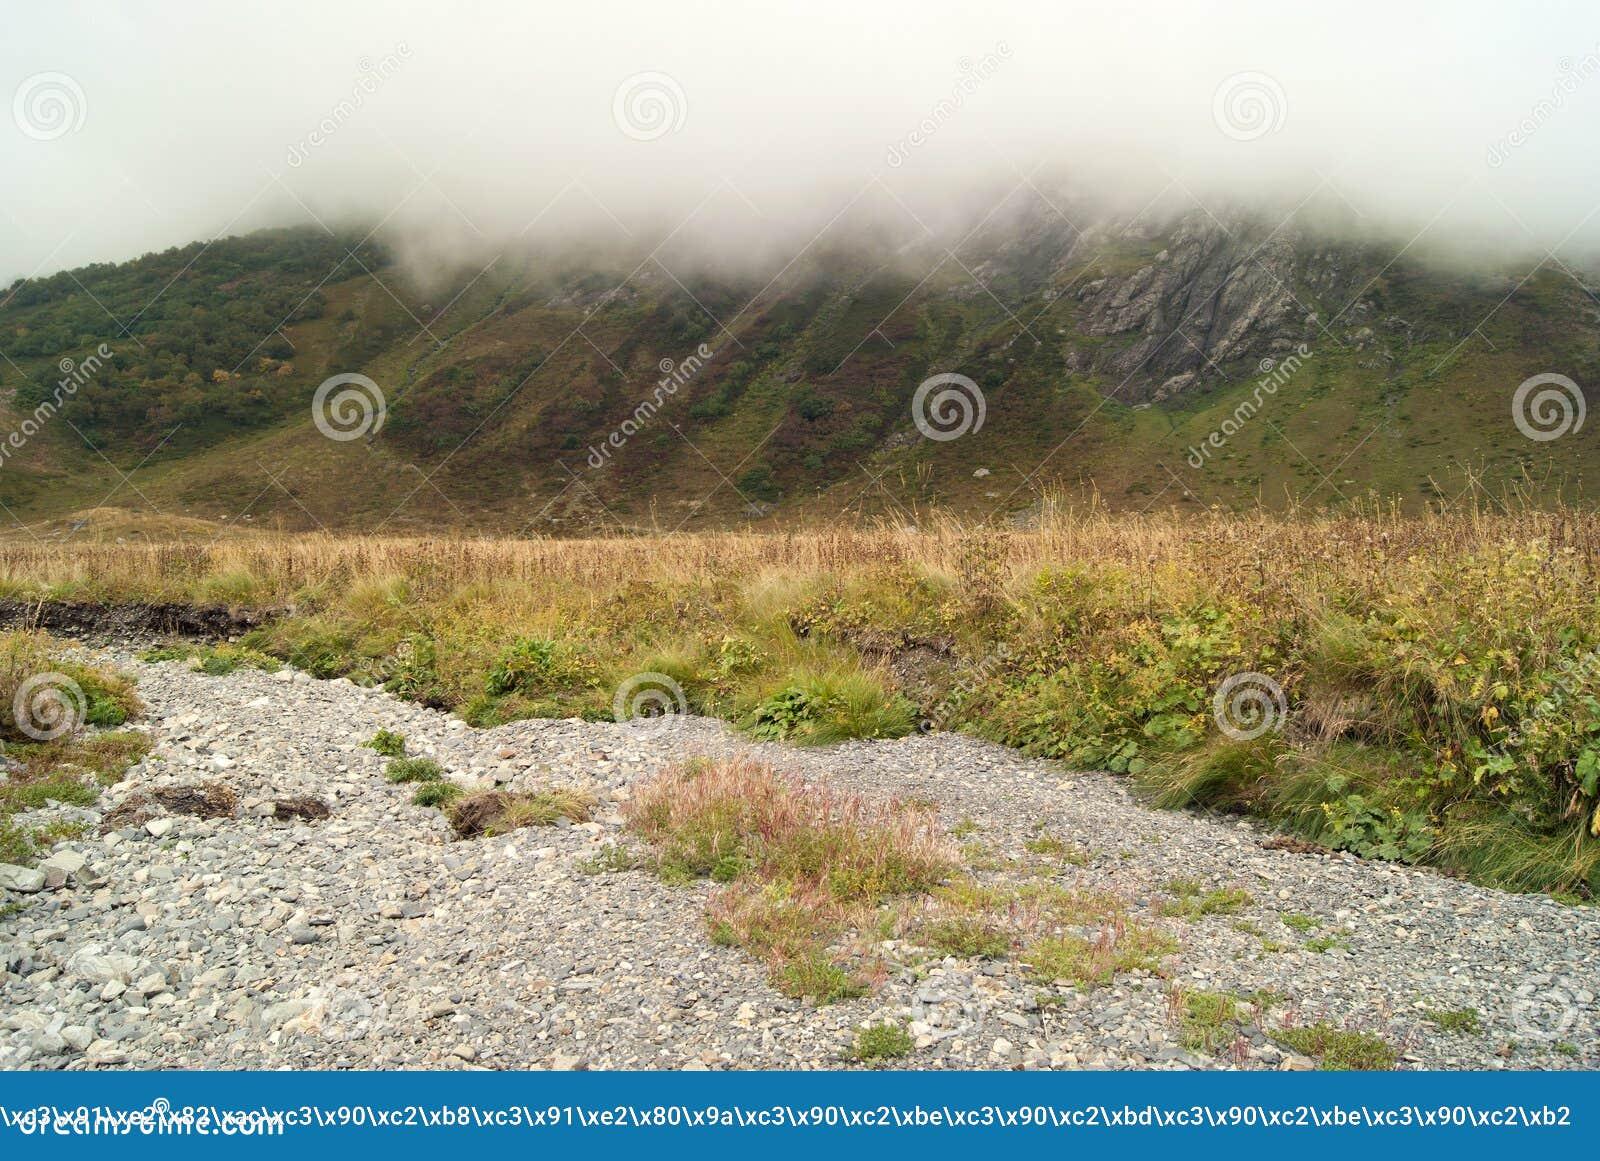 Paisaje de la montaña con un canal seco y una montaña ocultados por una nube en el fondo,